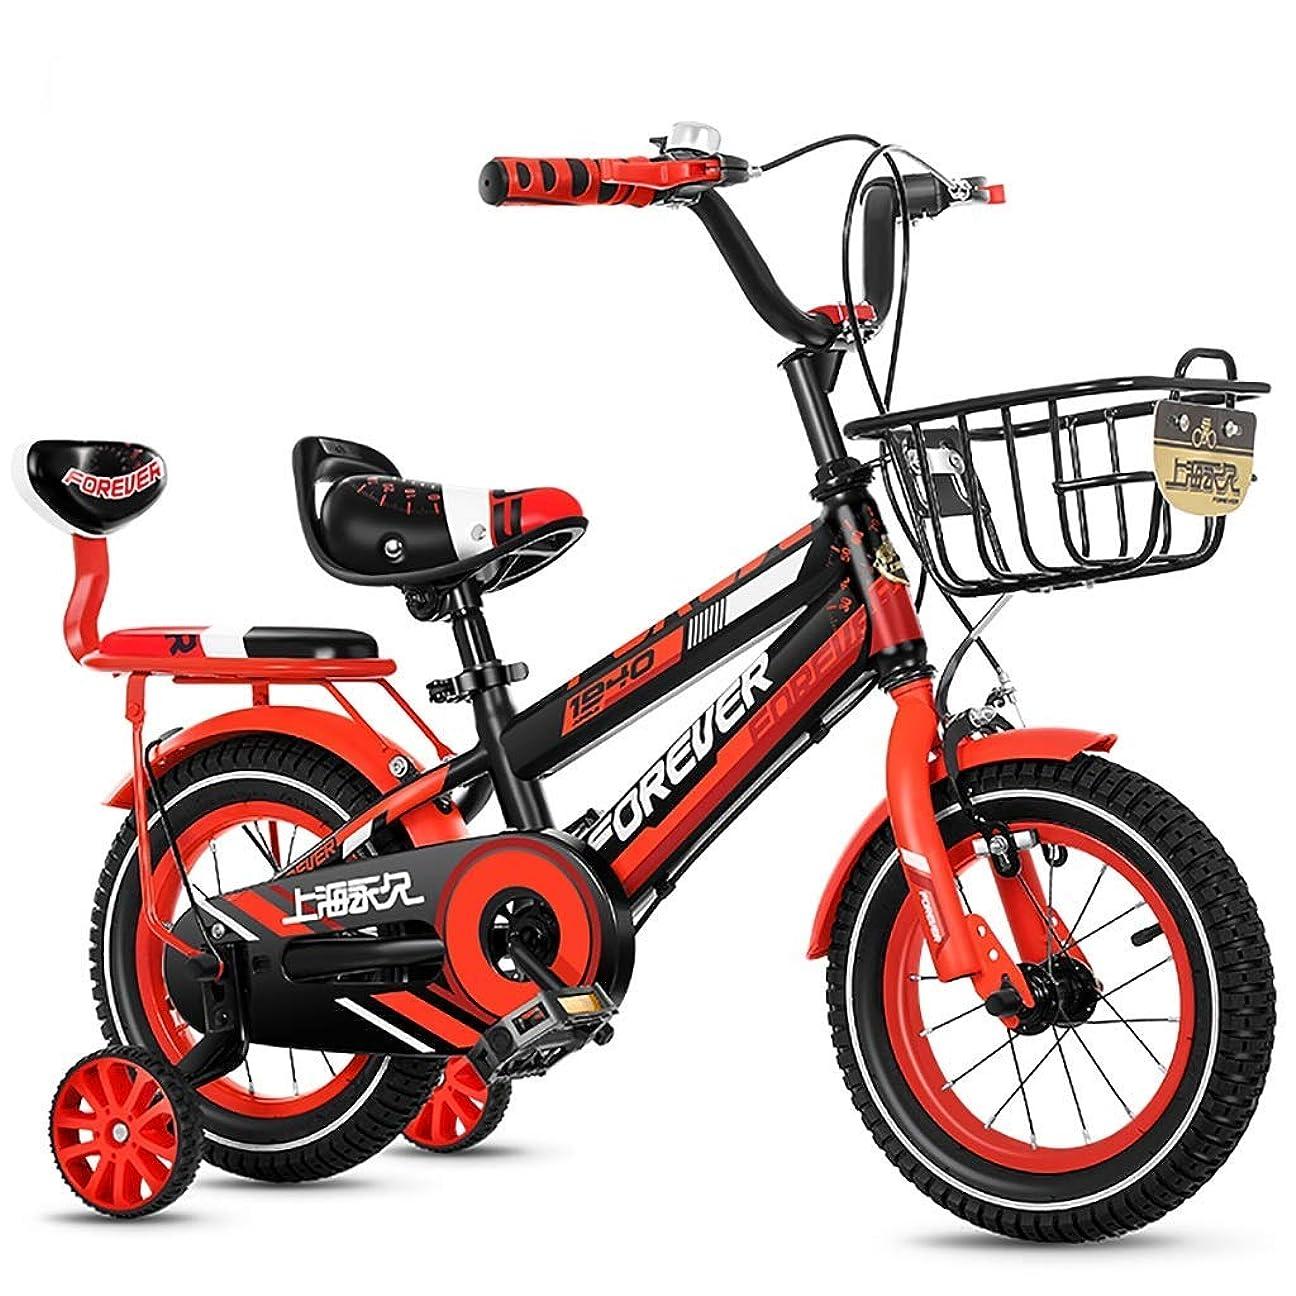 強制富器具12/14/16/18/20インチ、男の子と女の子が自転車に乗るため、2~13歳の子供に適して、補助輪付き、3色 (Color : C, Size : 20in)自転車こども